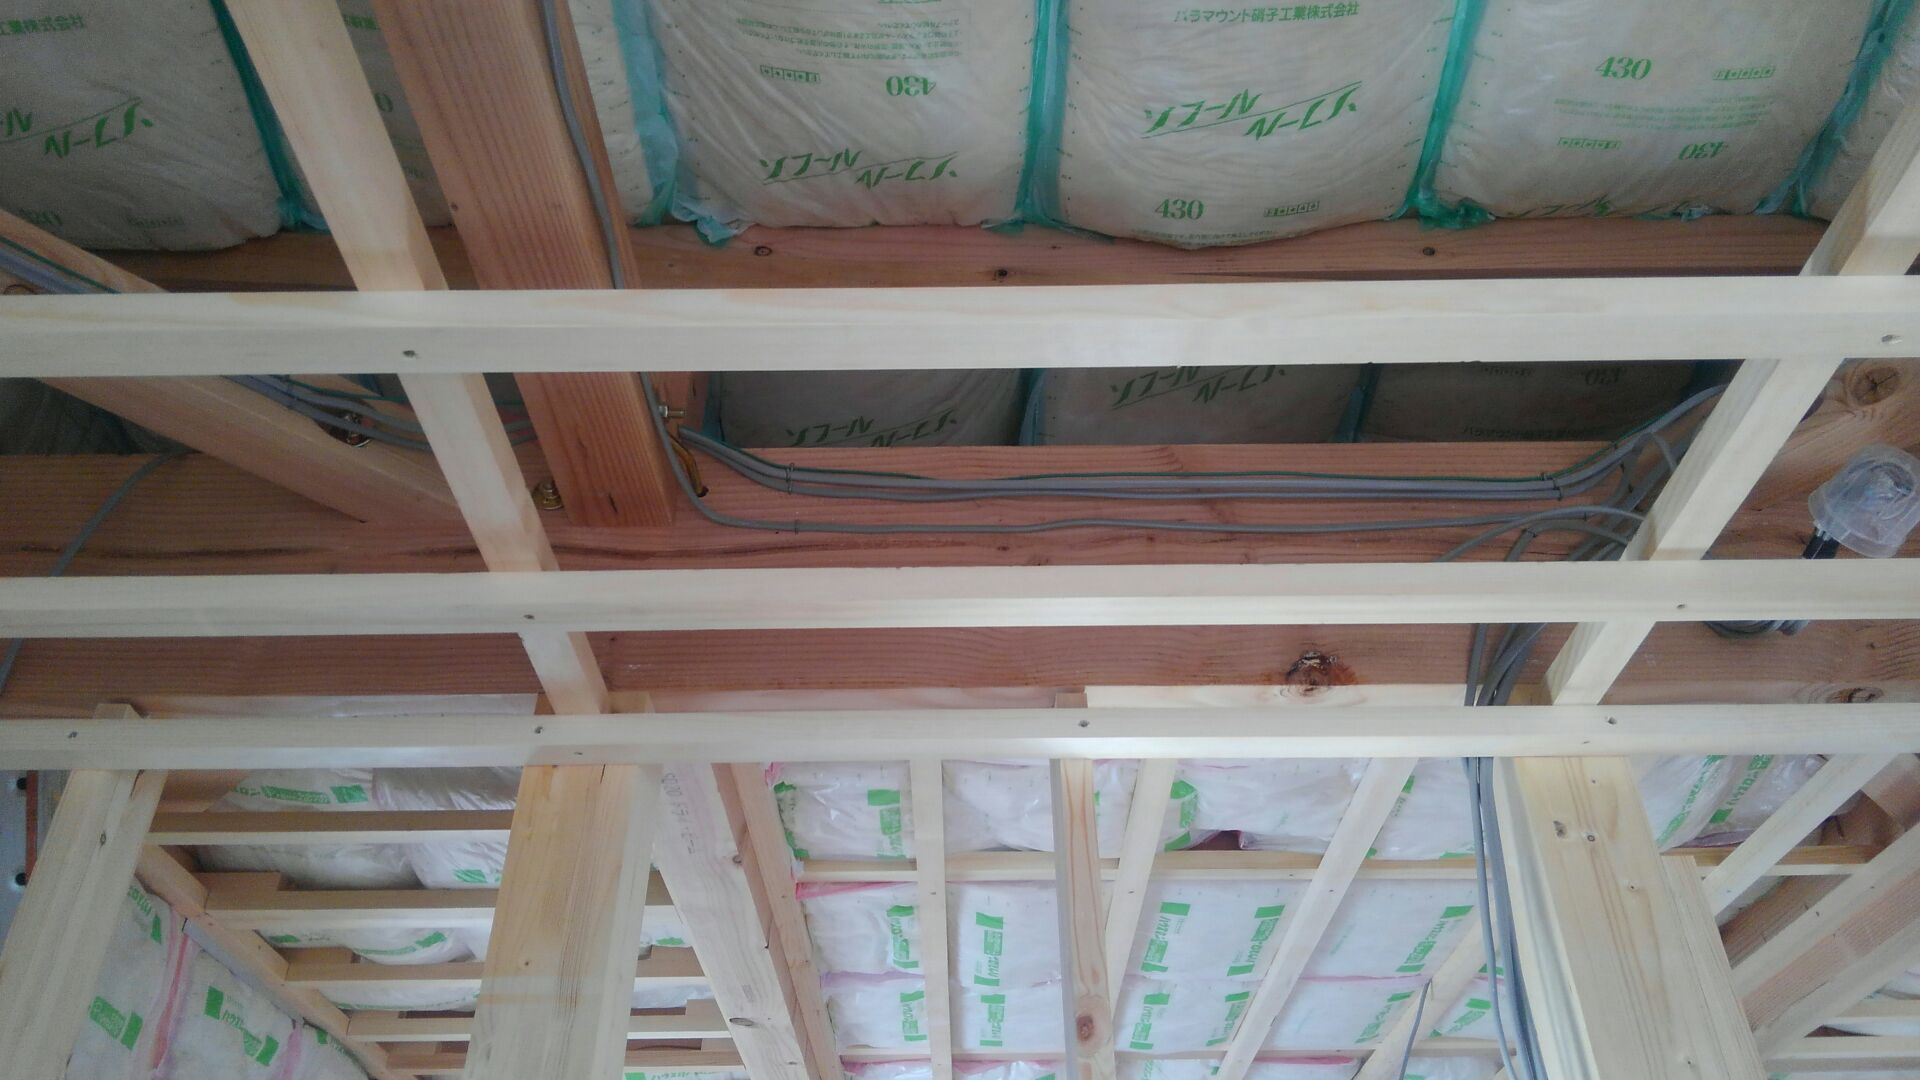 天井野縁組完了です。 天井の断熱材入れもはじまりました。 「暑いぞ熊谷!」に負けぬよう、 断熱材を屋根部に一層、天井野縁の上にも一層で、厚さを2重でブロックします!